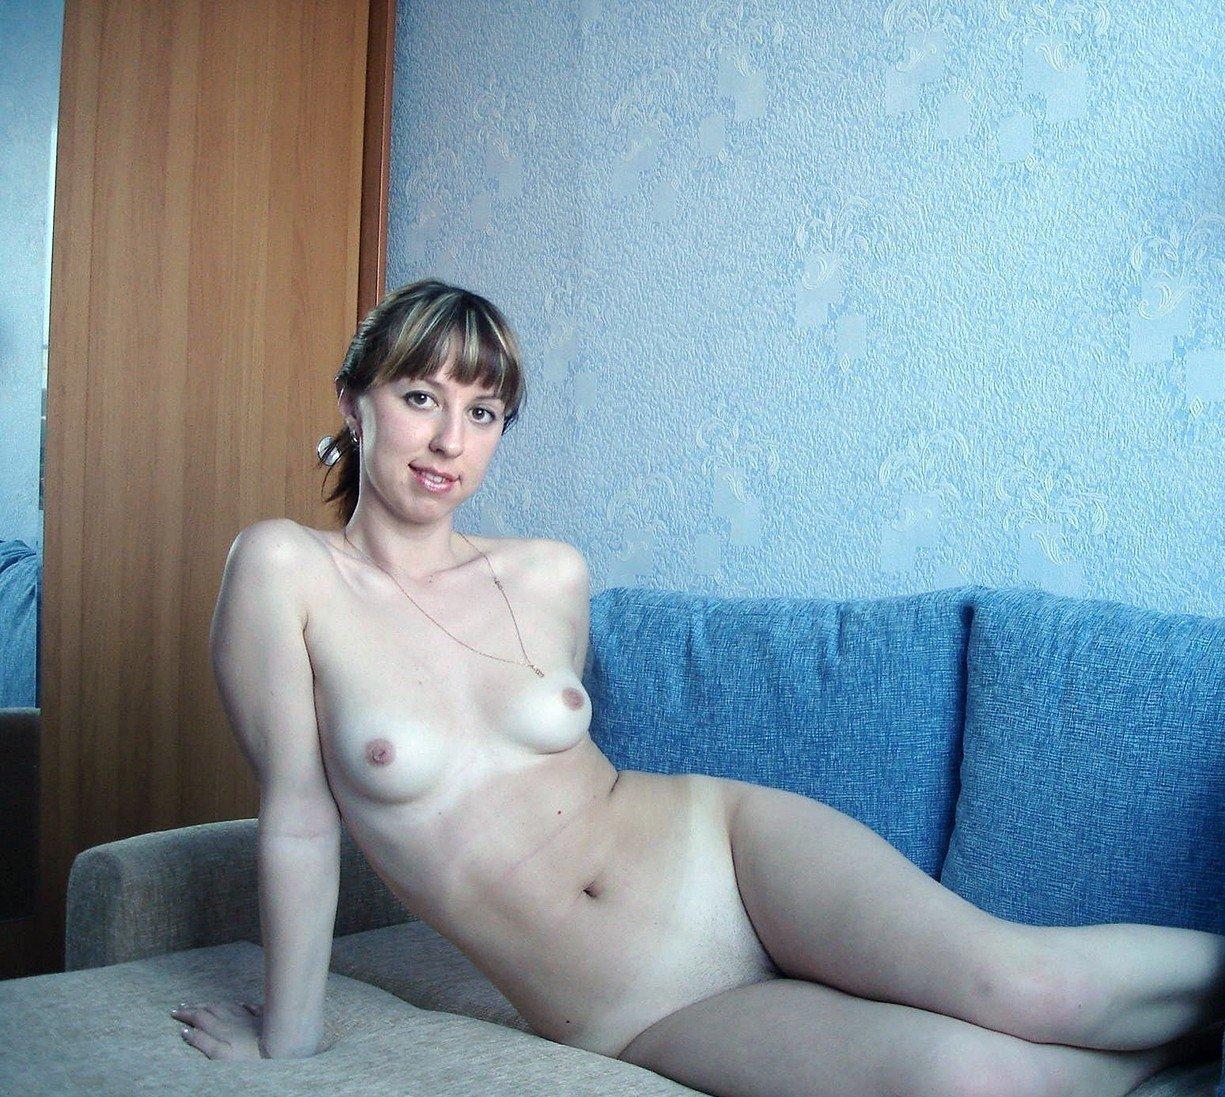 дешевые проститутки без ретуши москва - 11